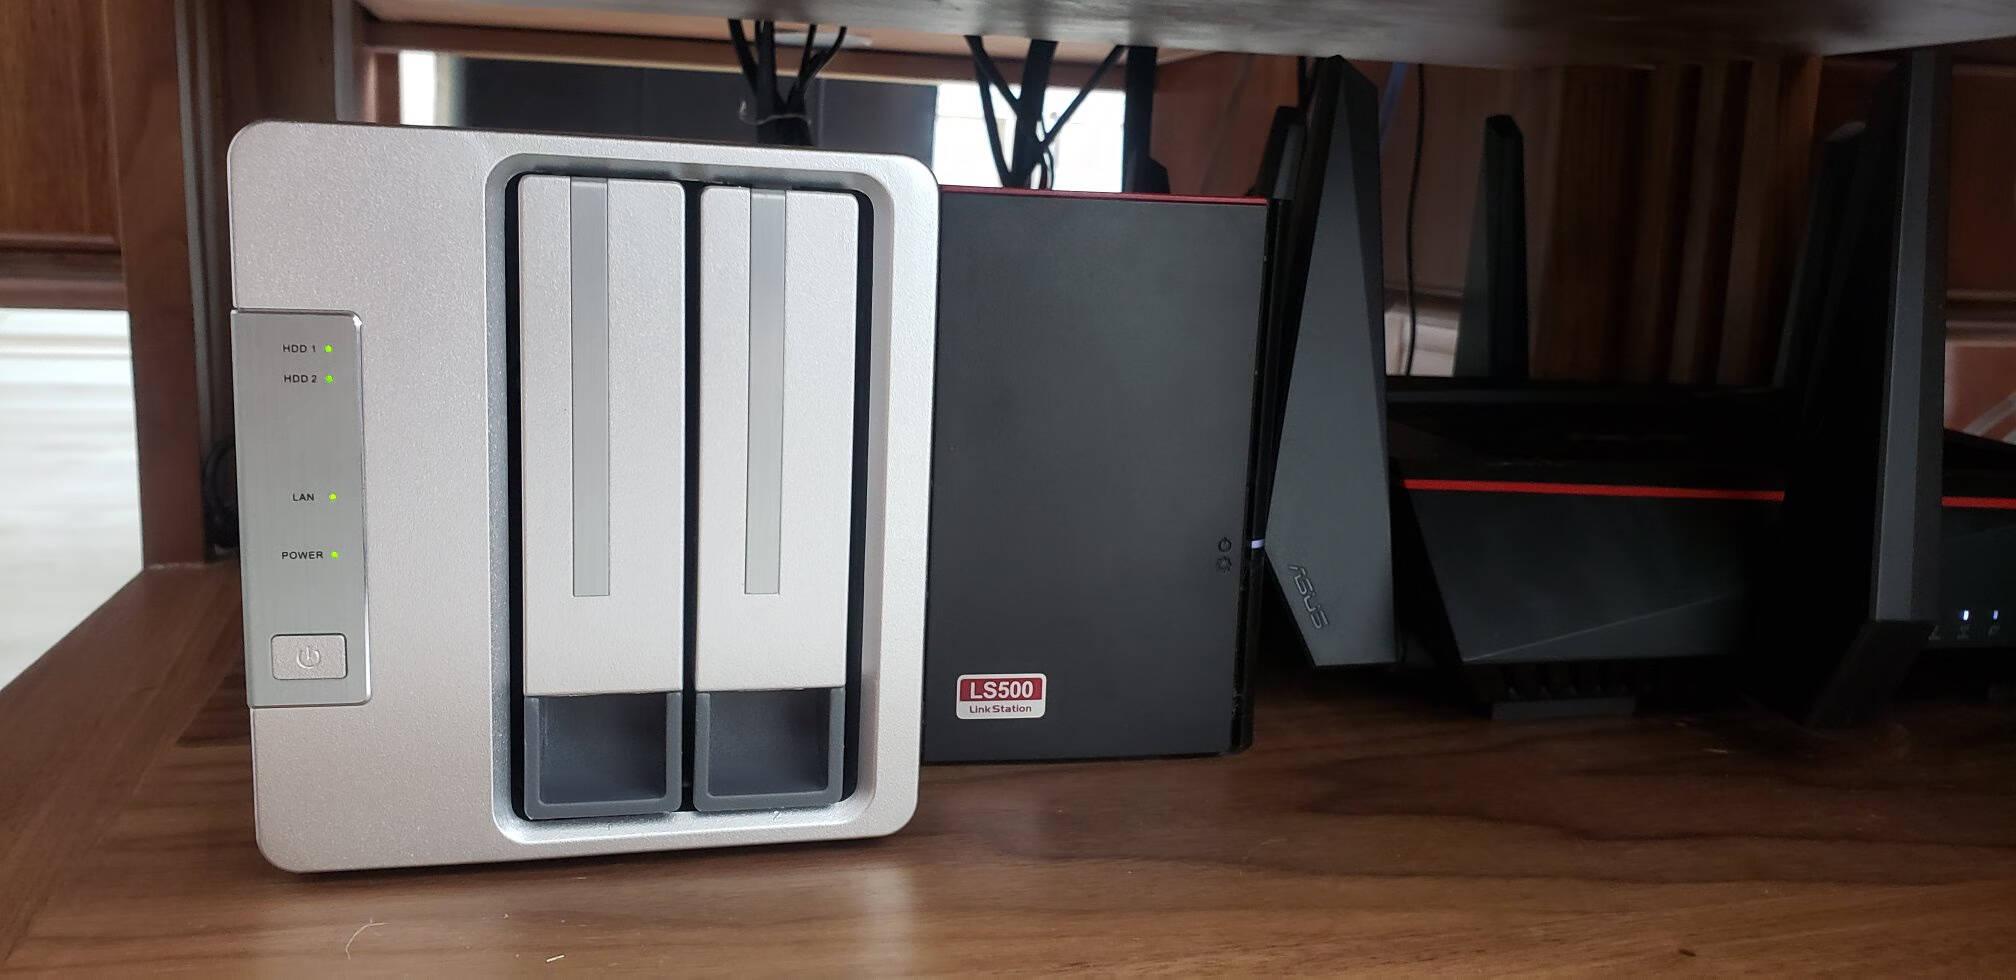 铁威马TERRAMASTERF2-210四核1.4GHz双盘轻量级NAS千兆网络存储私有云存储服务器